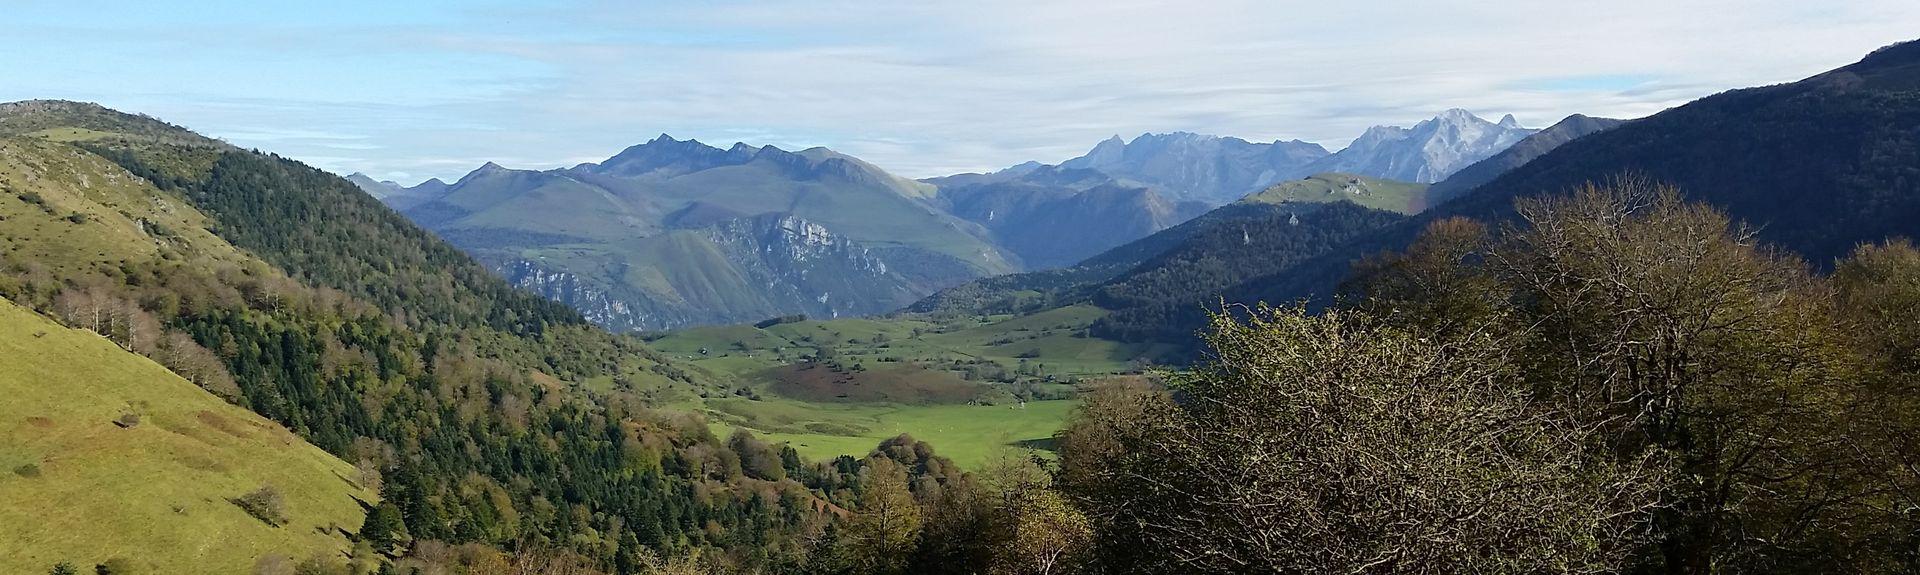 Oloron-Sainte-Marie, Département Pyrénées-Atlantiques, Frankreich